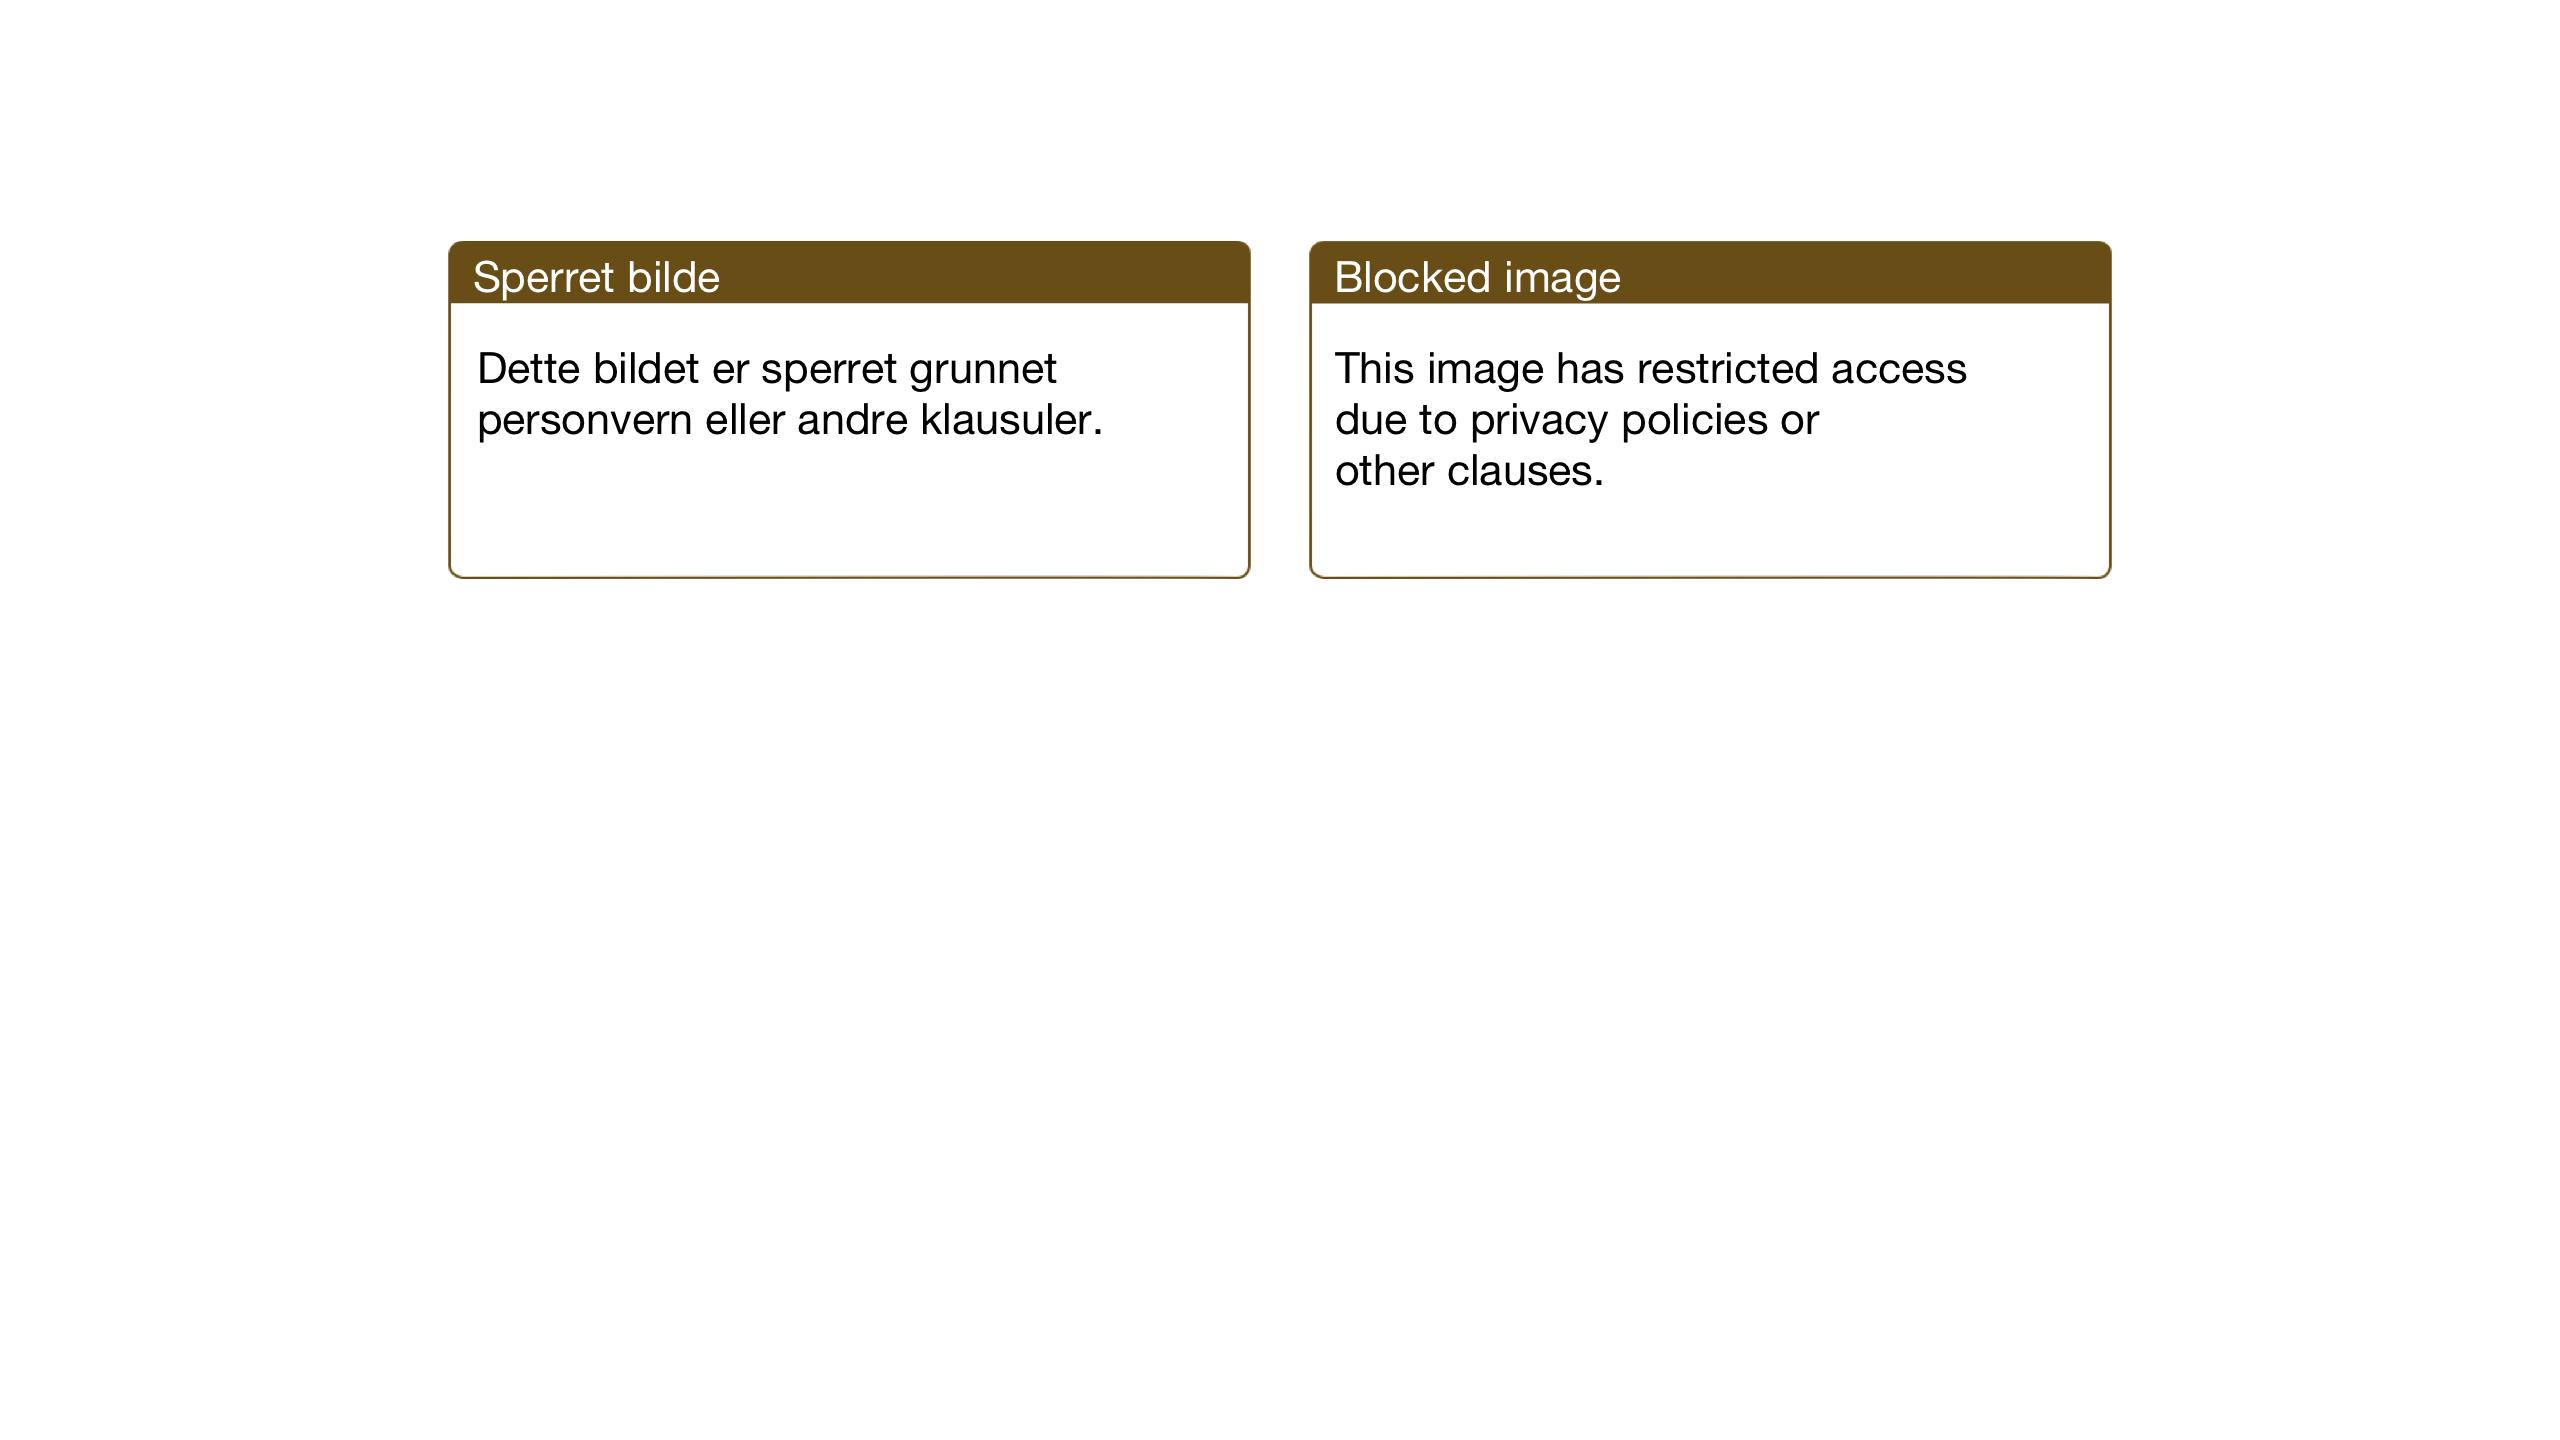 SAT, Ministerialprotokoller, klokkerbøker og fødselsregistre - Nord-Trøndelag, 768/L0583: Klokkerbok nr. 768C01, 1928-1953, s. 128